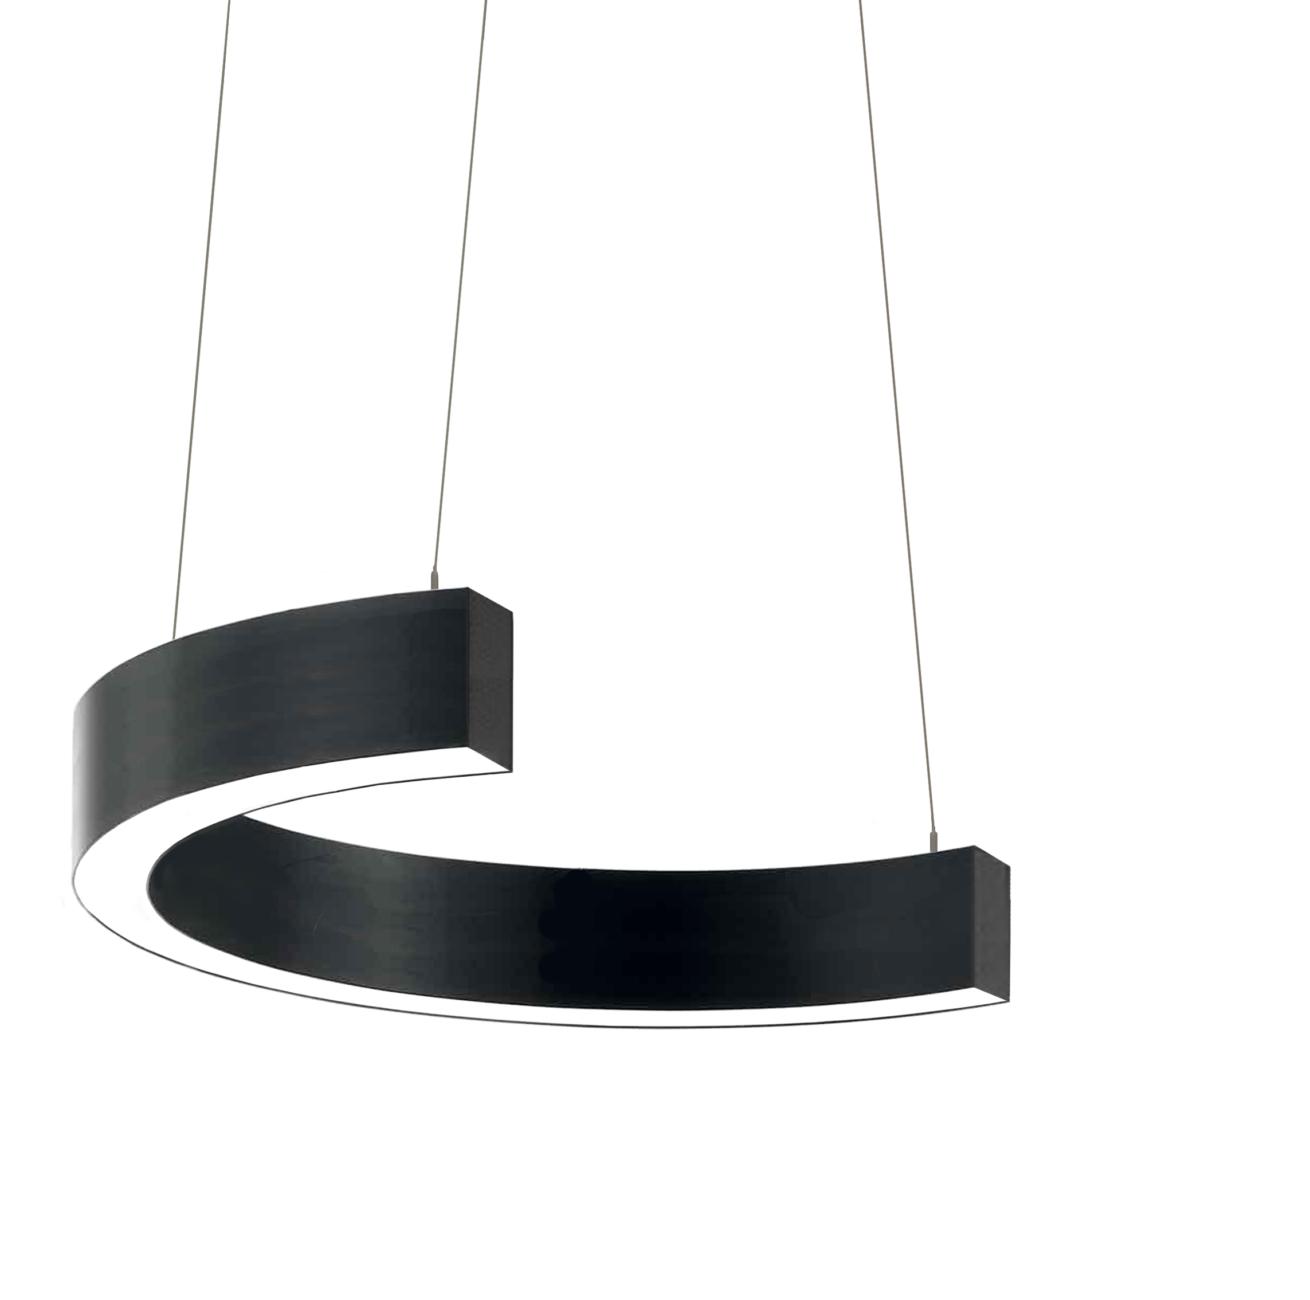 Светильник Ring-С 5060-900мм. 4000К/3000К. 21W/44W купить во Владивостоке